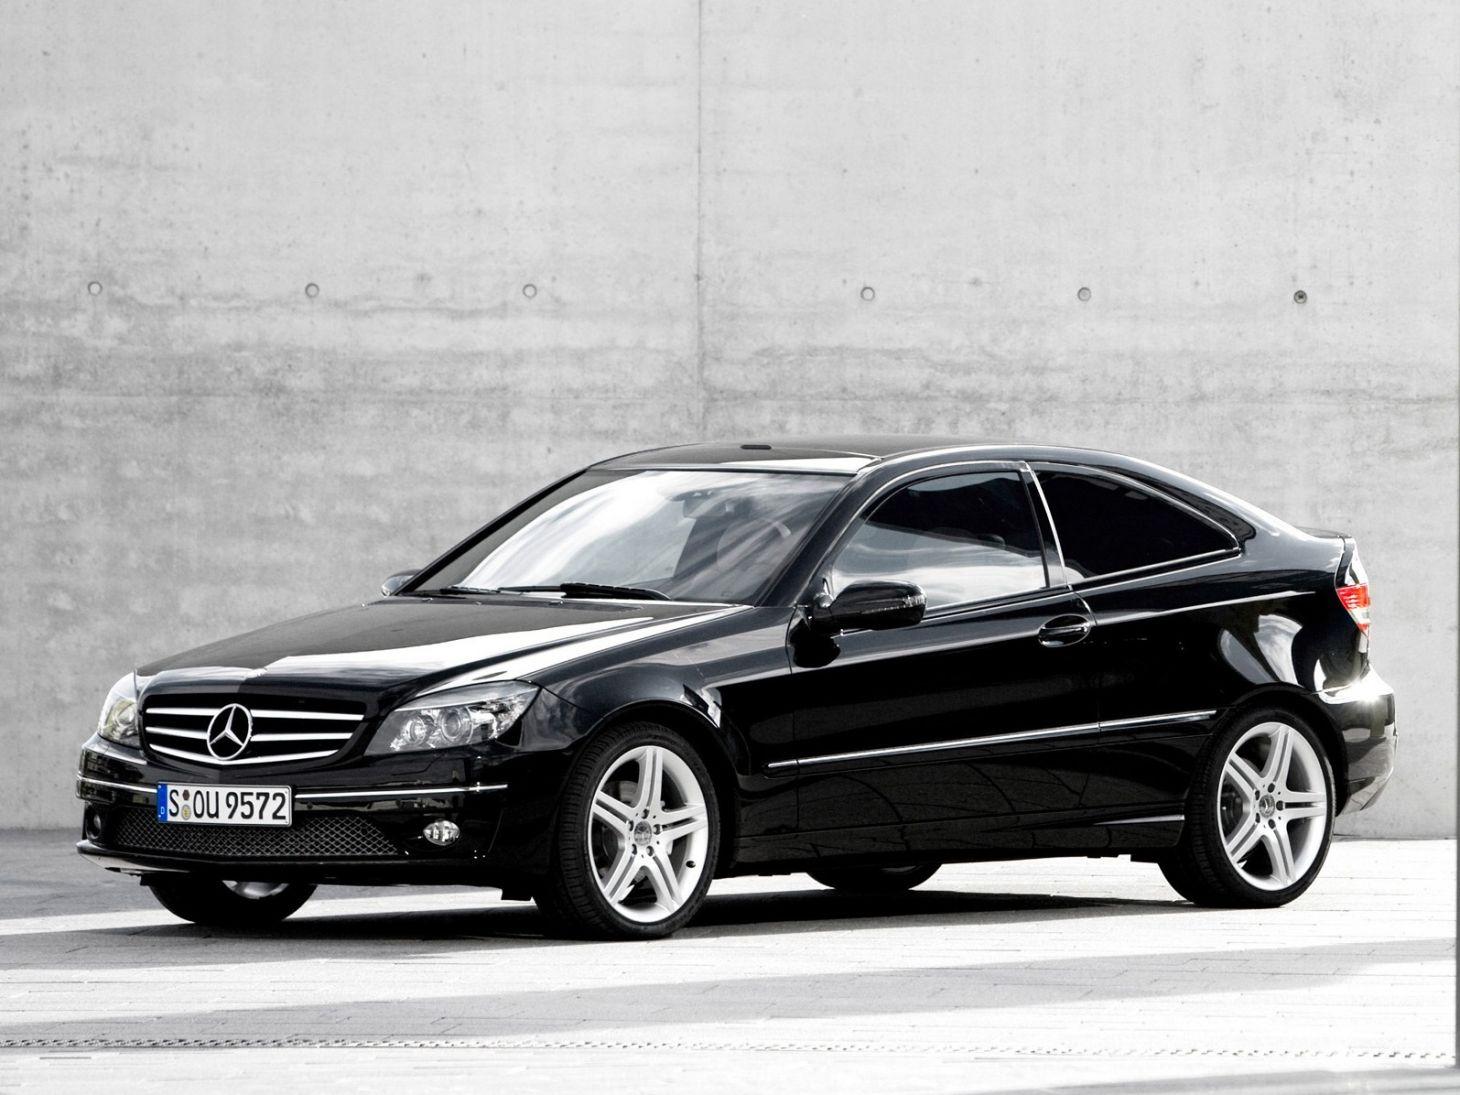 Carros nacionais exportados para países desenvolvidos: Mercedes-Benz CLC